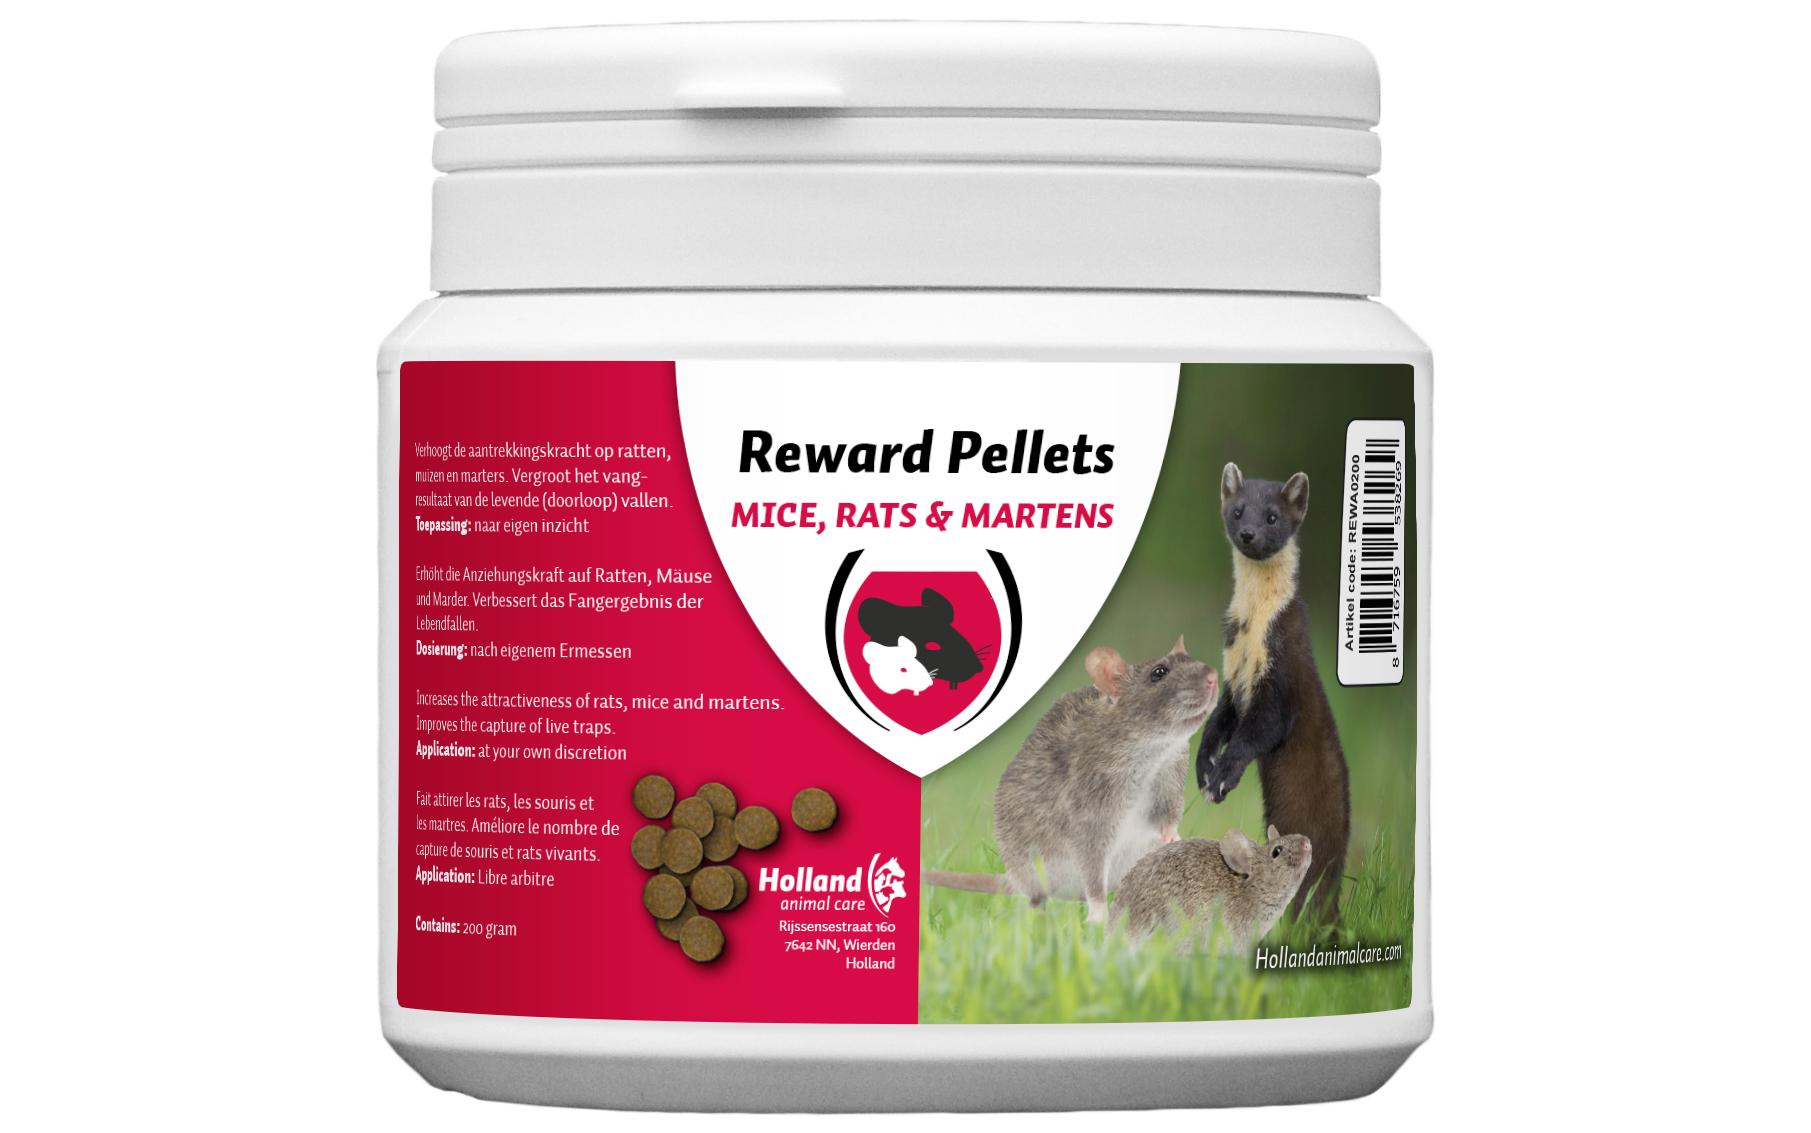 Reward pellets for muizen, ratten & marters